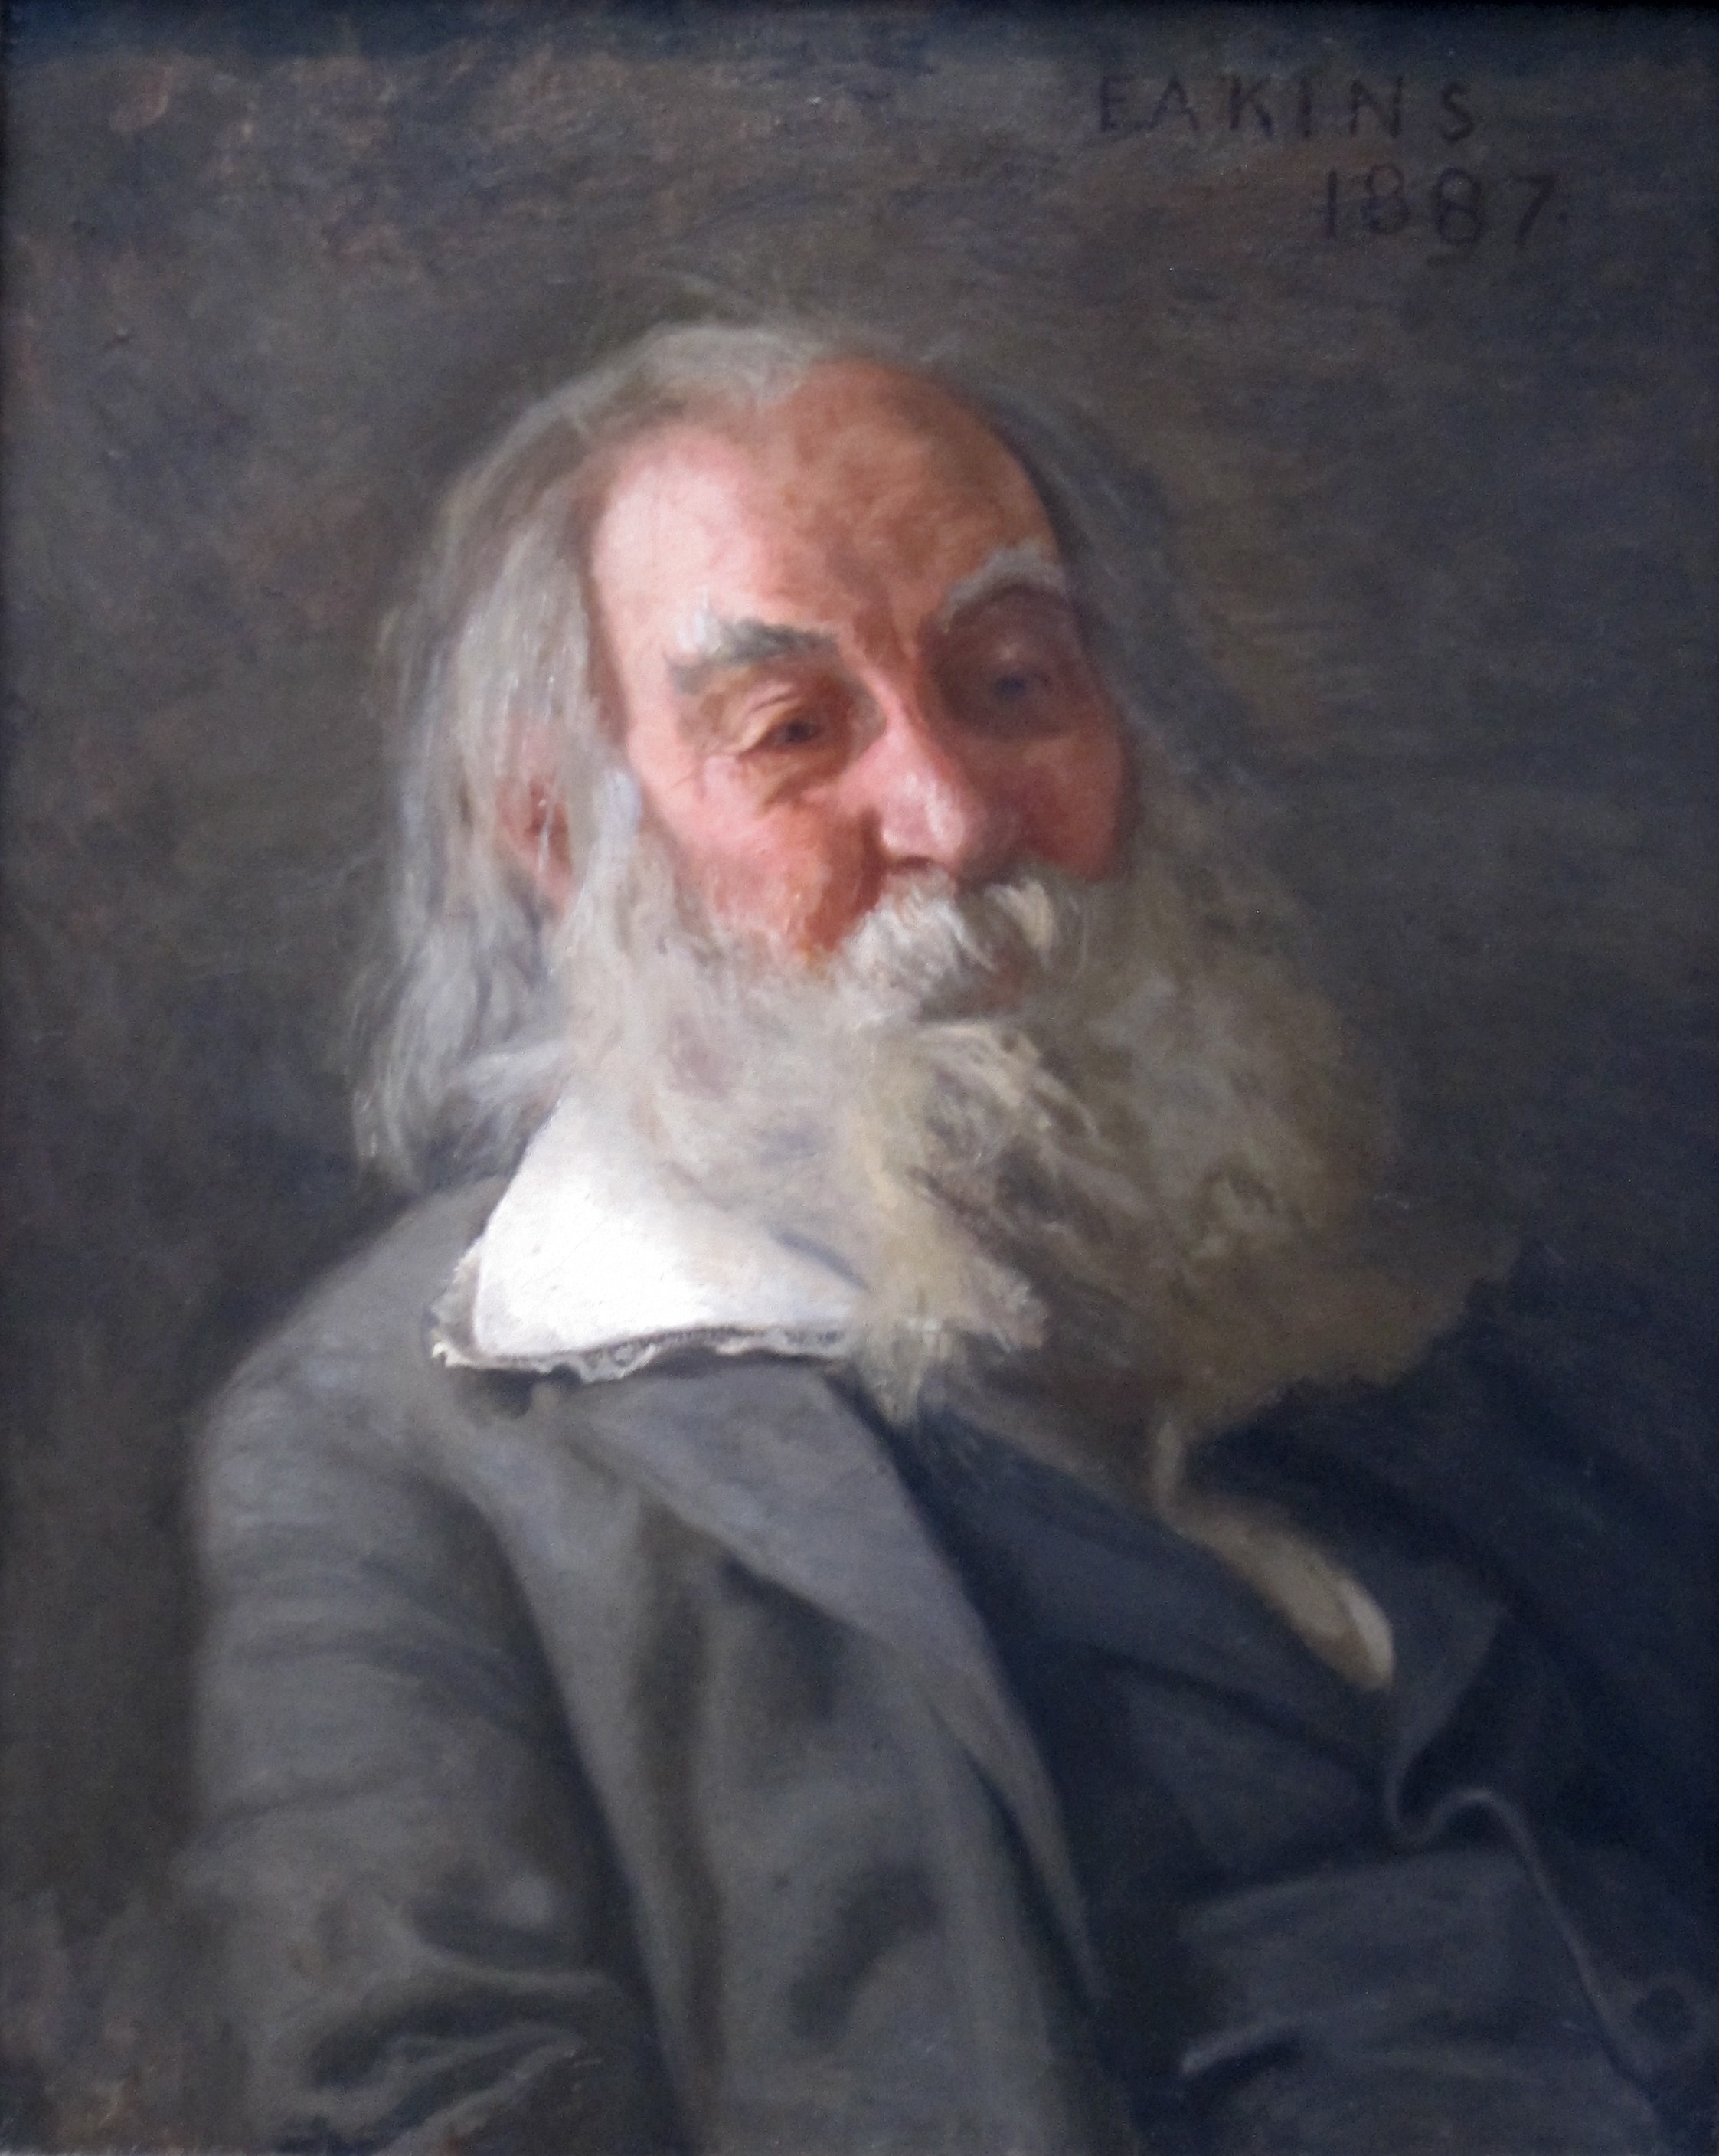 whitman_walt_1819-1892_-_1887_-_ritr-_da_eakins_thomas_-_da_internet